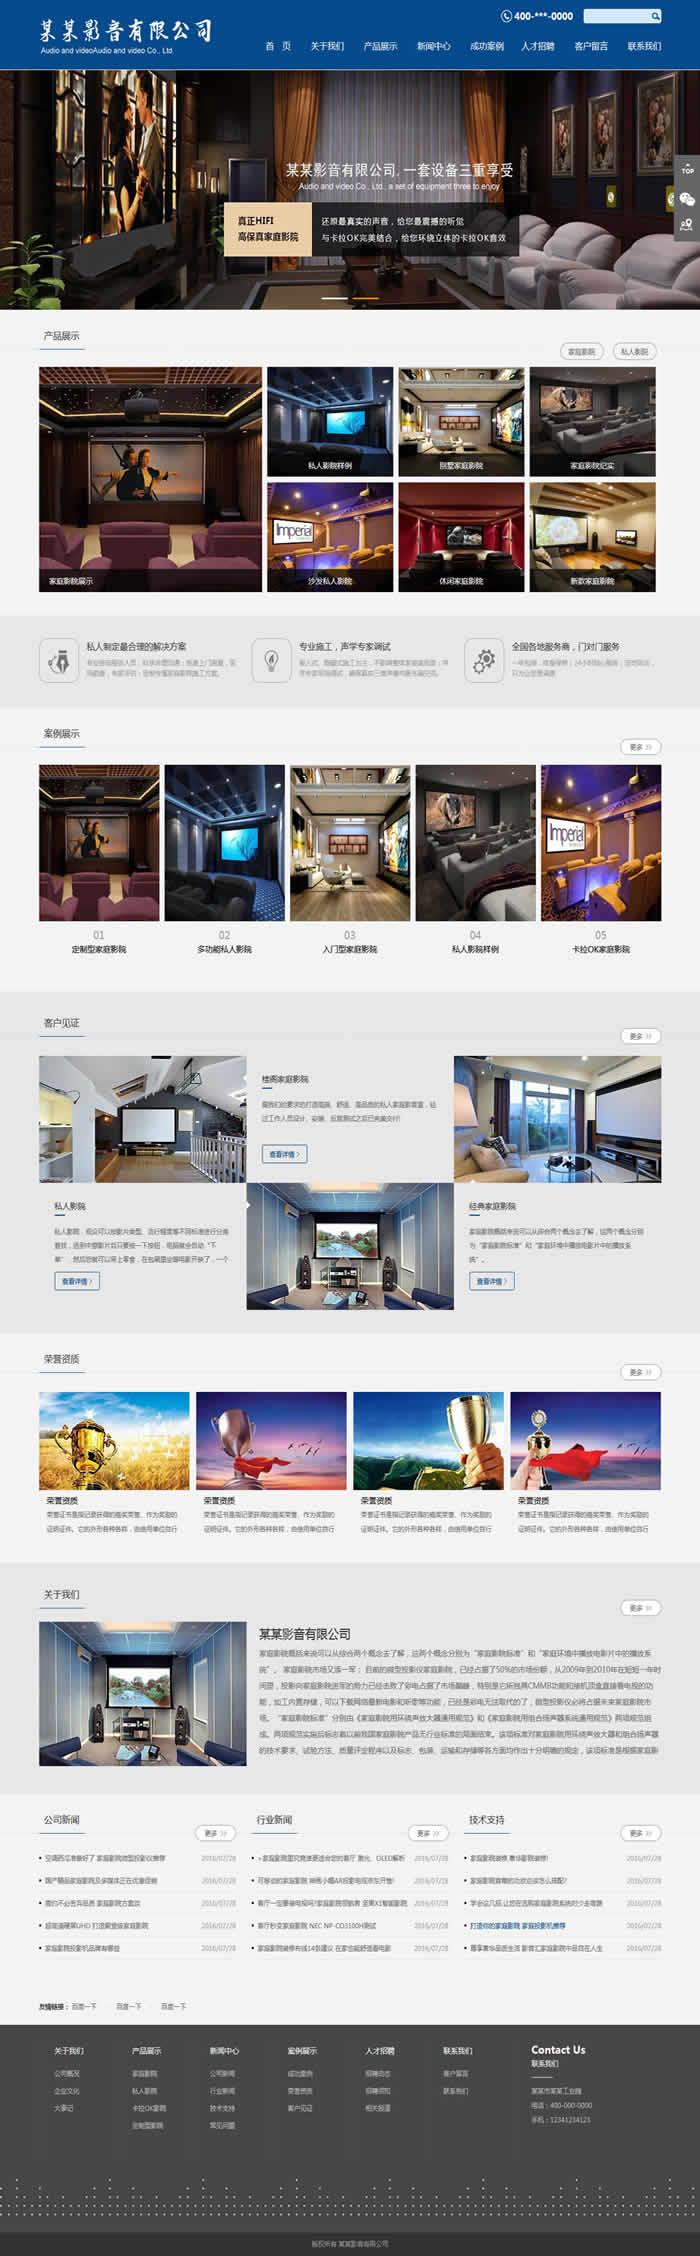 娱乐文化类企业网站